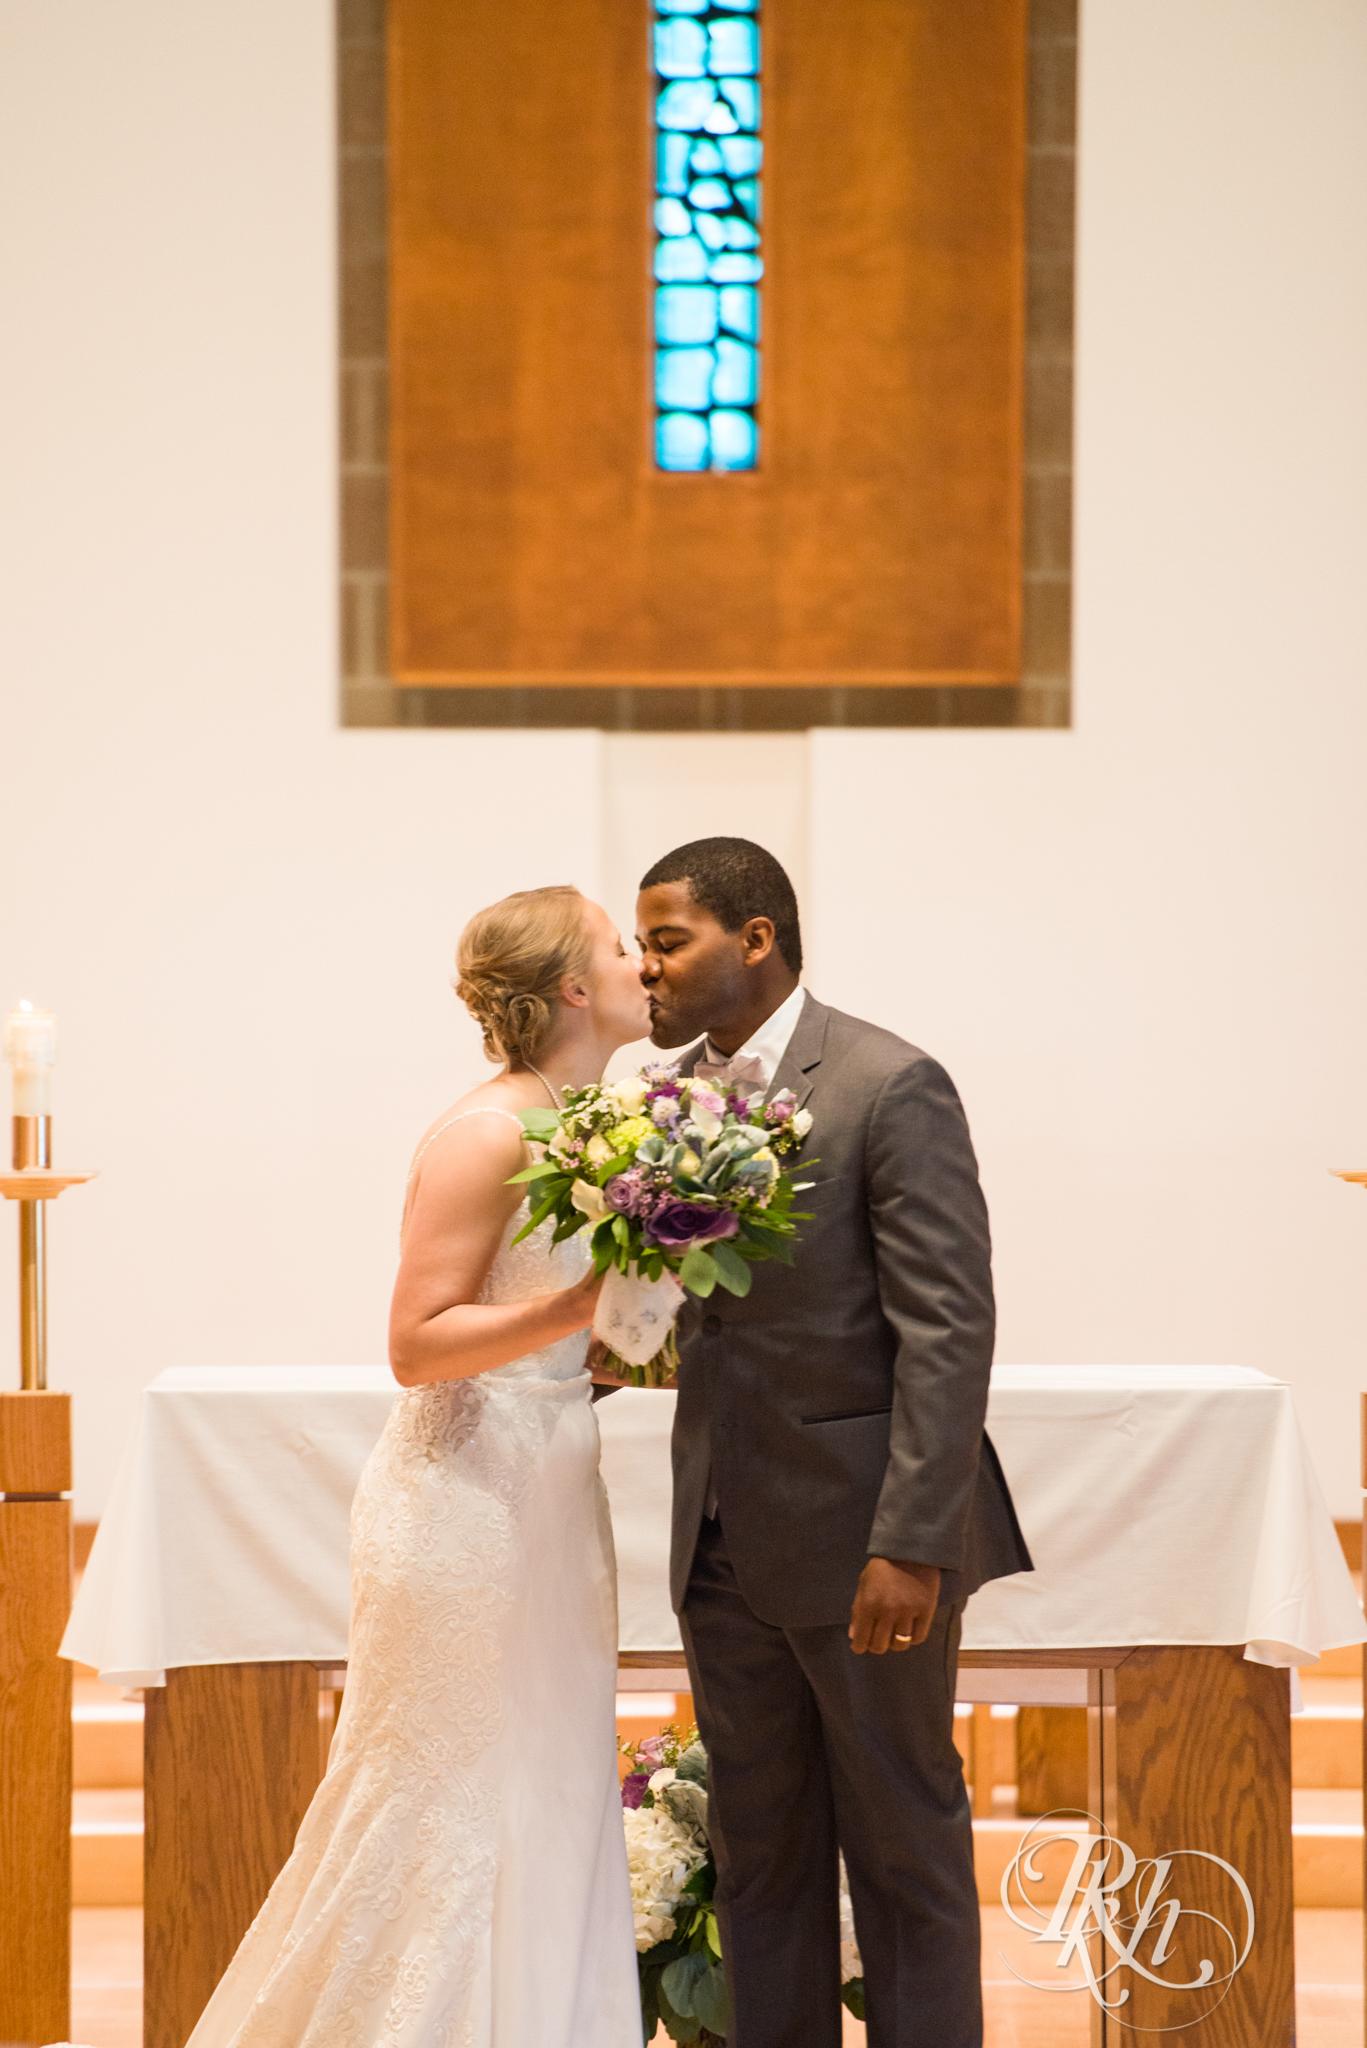 Laura and Adekunle - Minnesota Wedding Photographer - Minnesota History Center - RKH Images - Blog (21 of 75).jpg